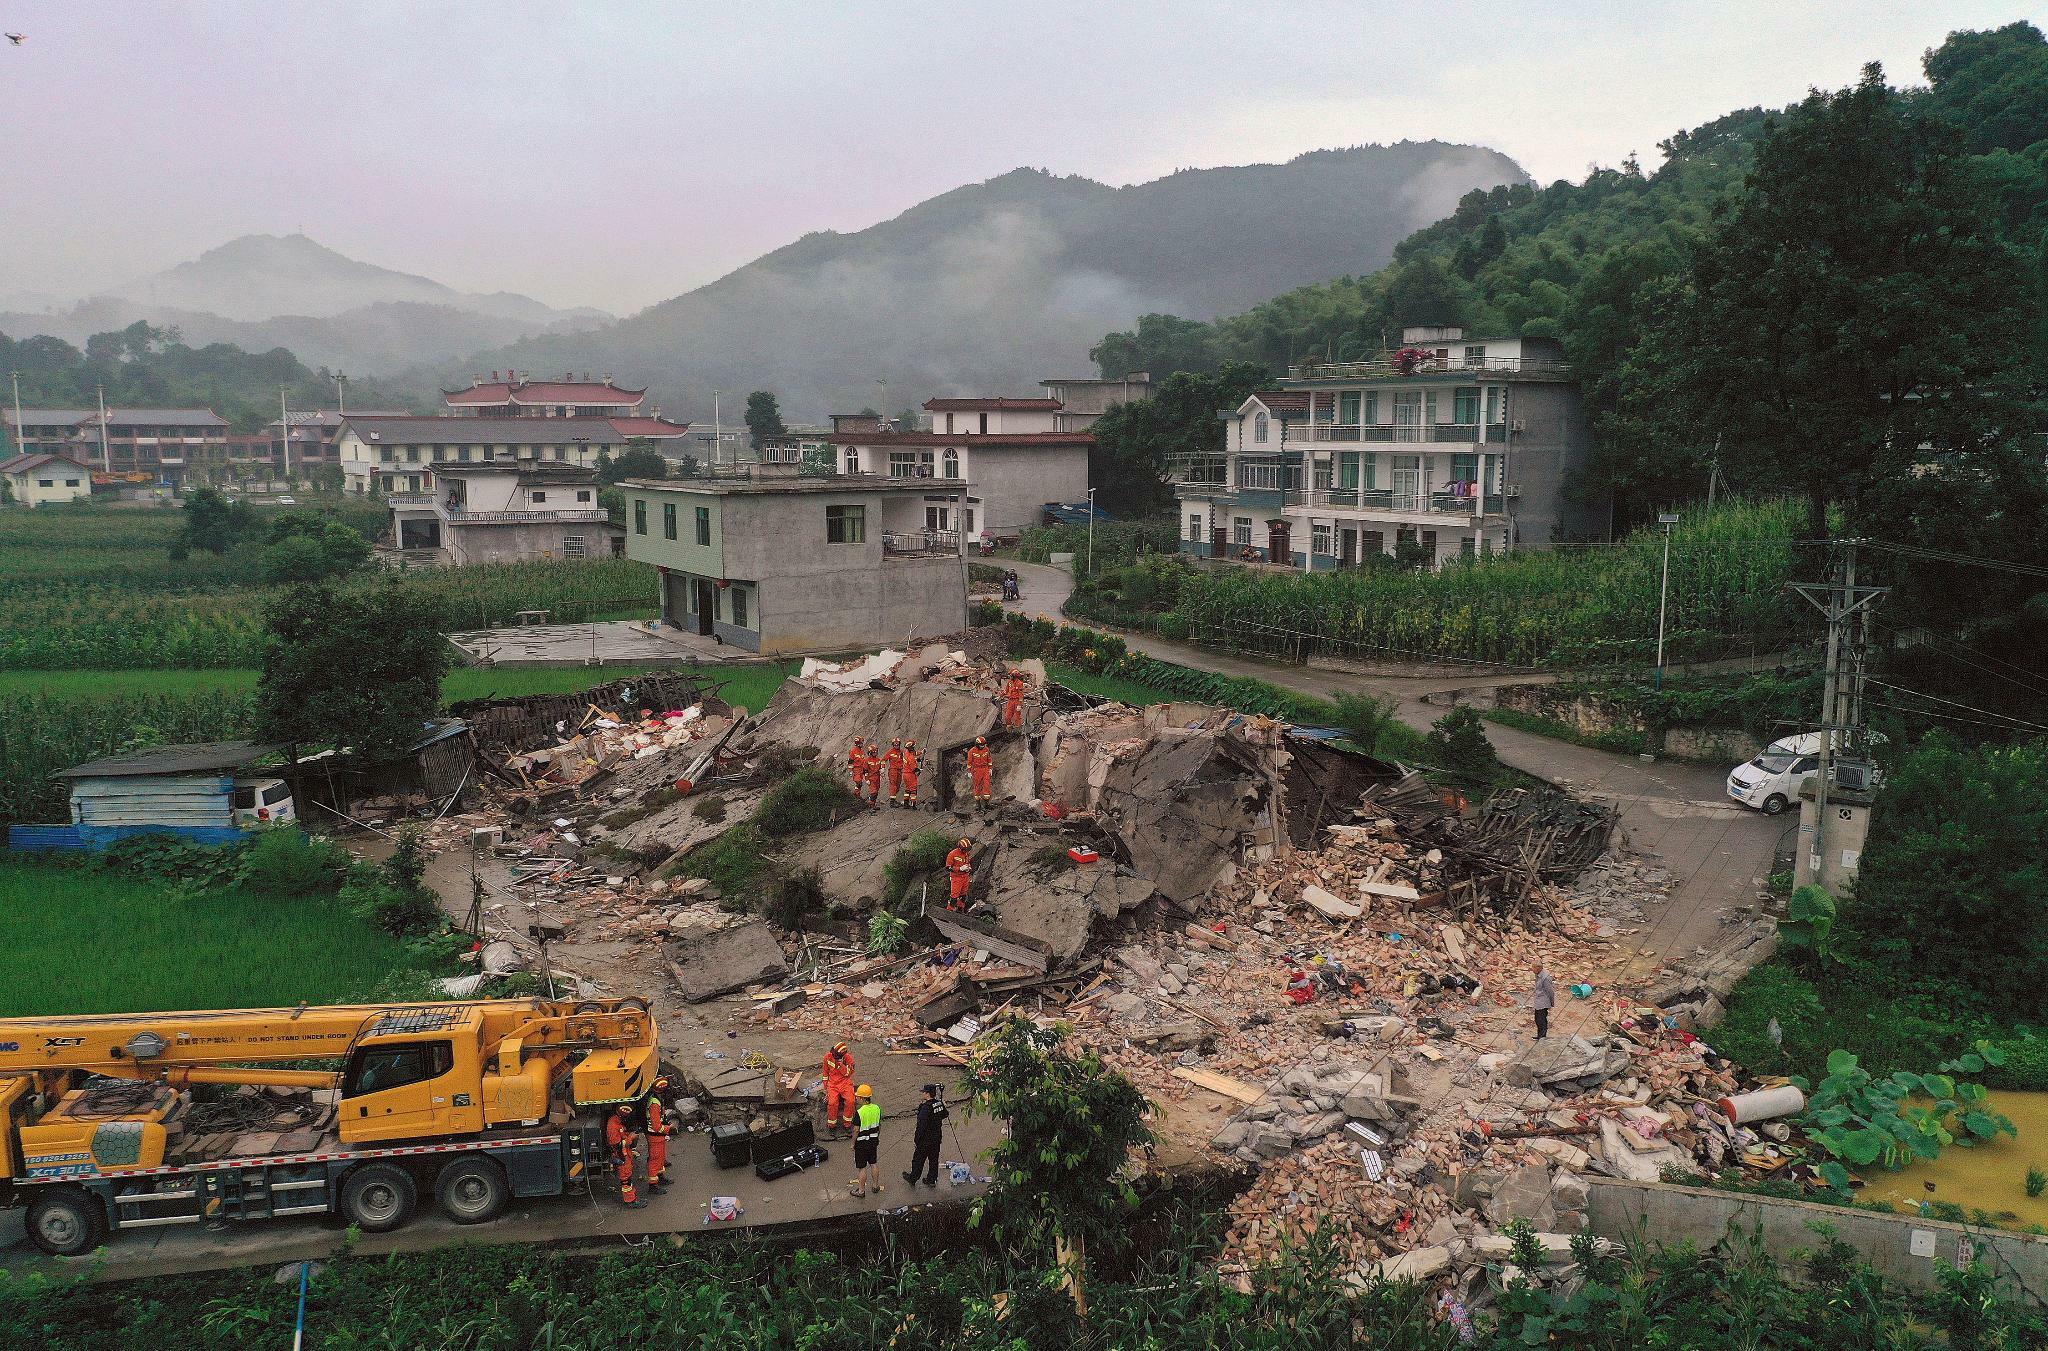 Rückversicherer verzeichnen Schäden im Höhe von 42 Milliarden Dollar durch Naturkatastrophen